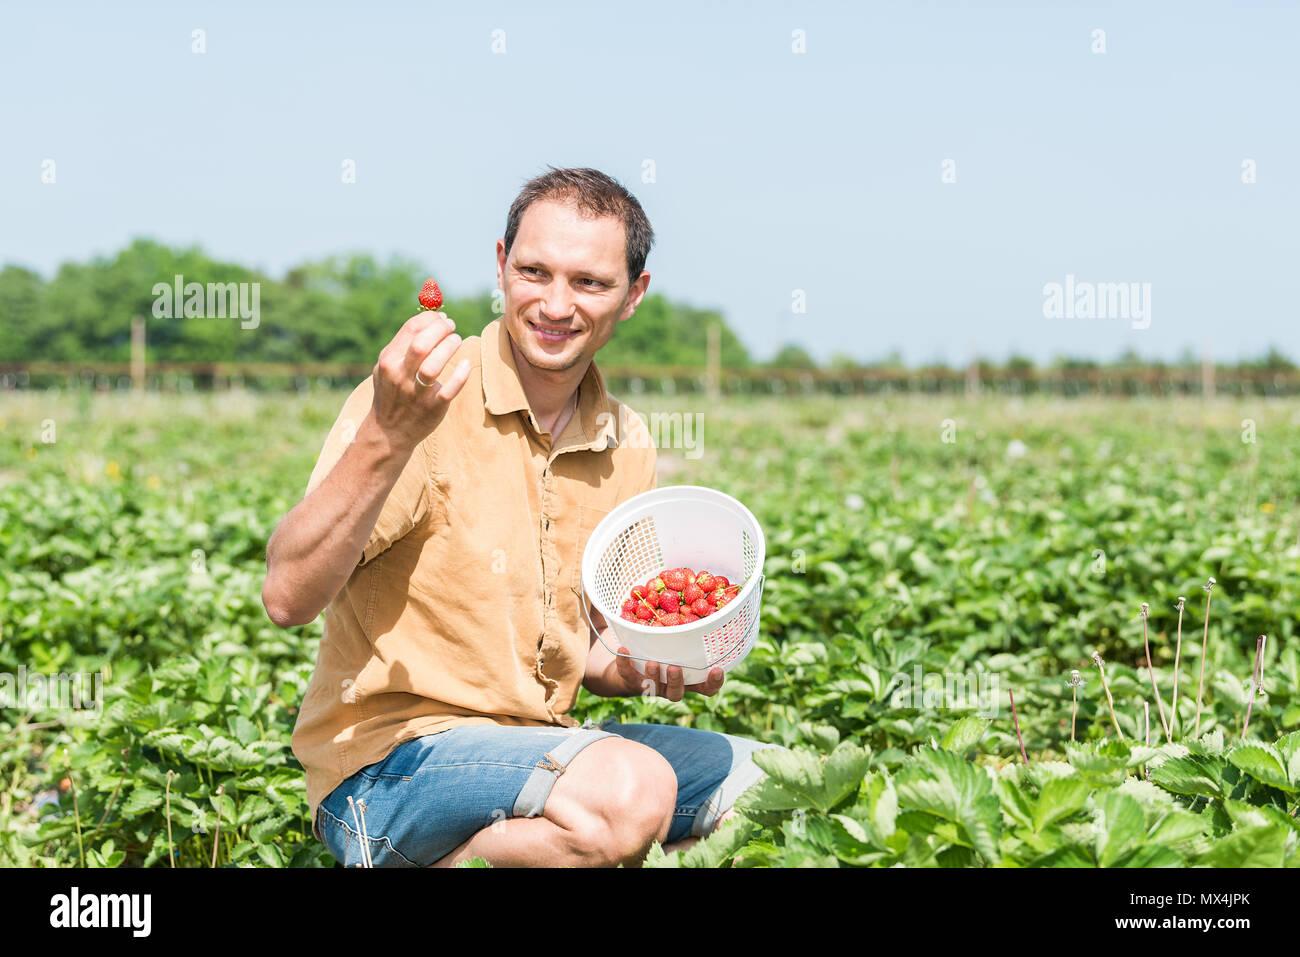 Feliz sonriente joven hombre recogiendo fresas en las filas del campo verde granja, llevar cesta de frutas bayas rojas en primavera, verano actividad Imagen De Stock